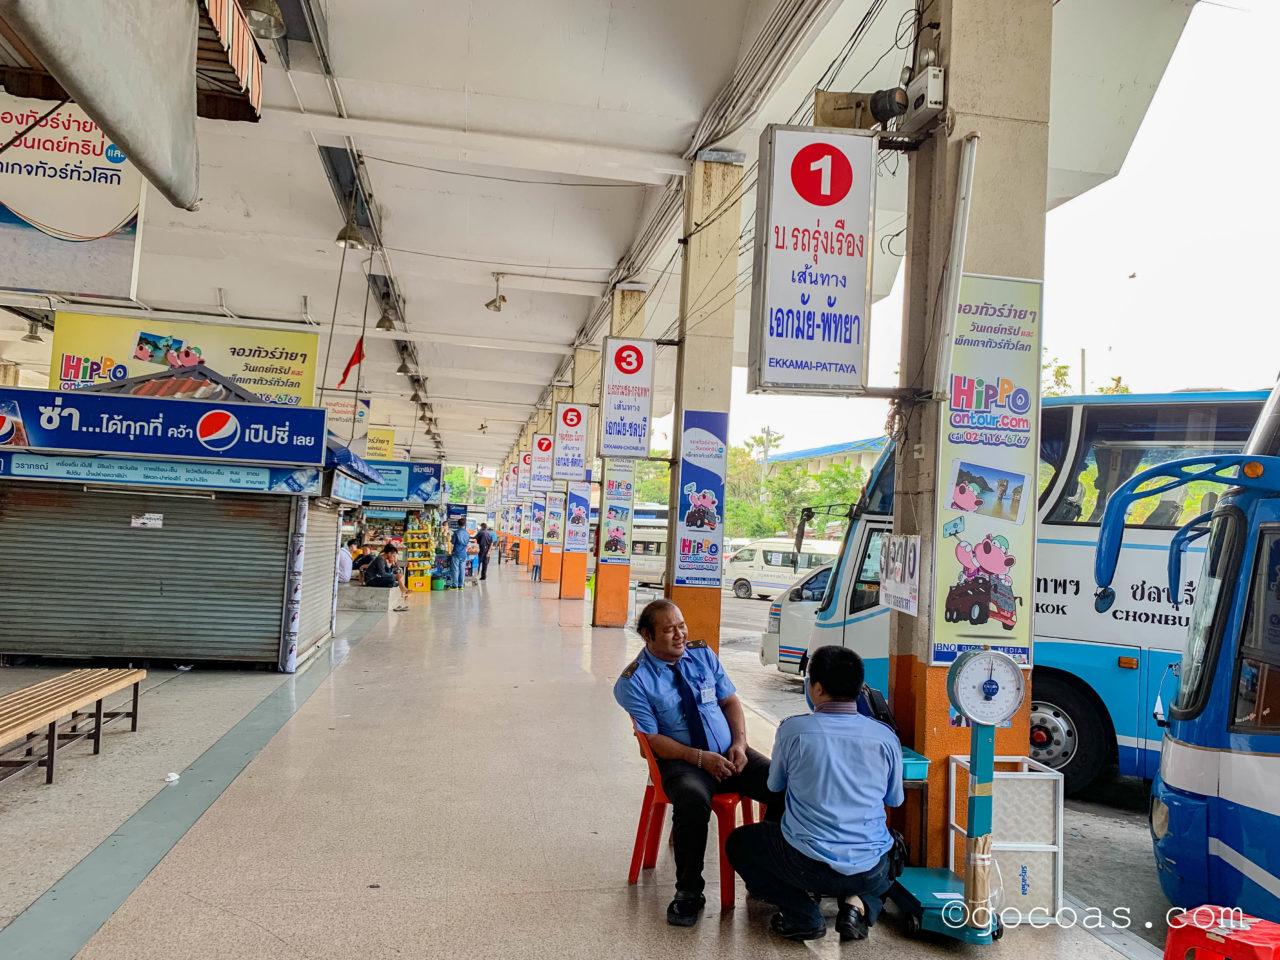 Bangkok Bus Terminal内部で並んでいるバス停